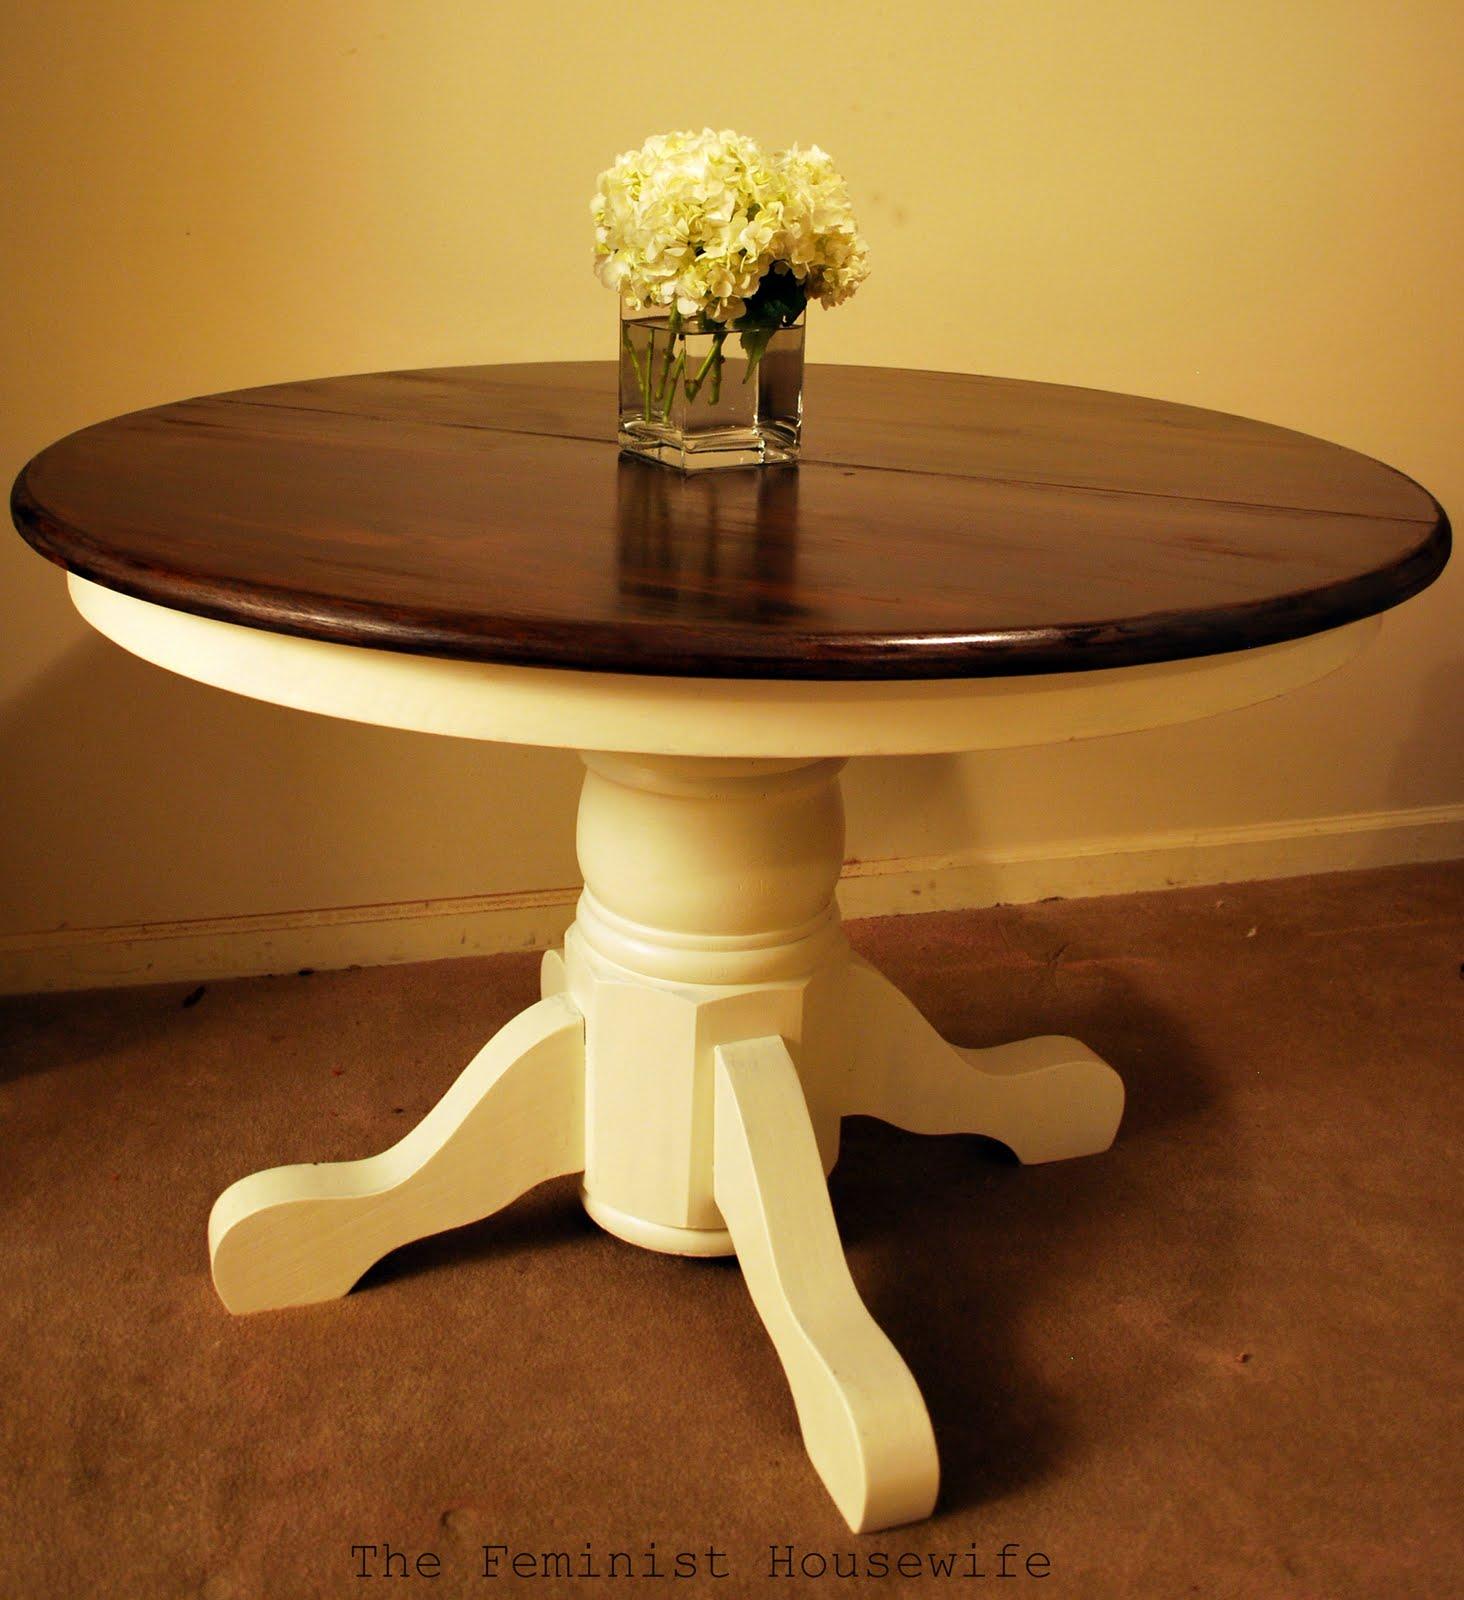 Russet Street Reno: Free pedestal table